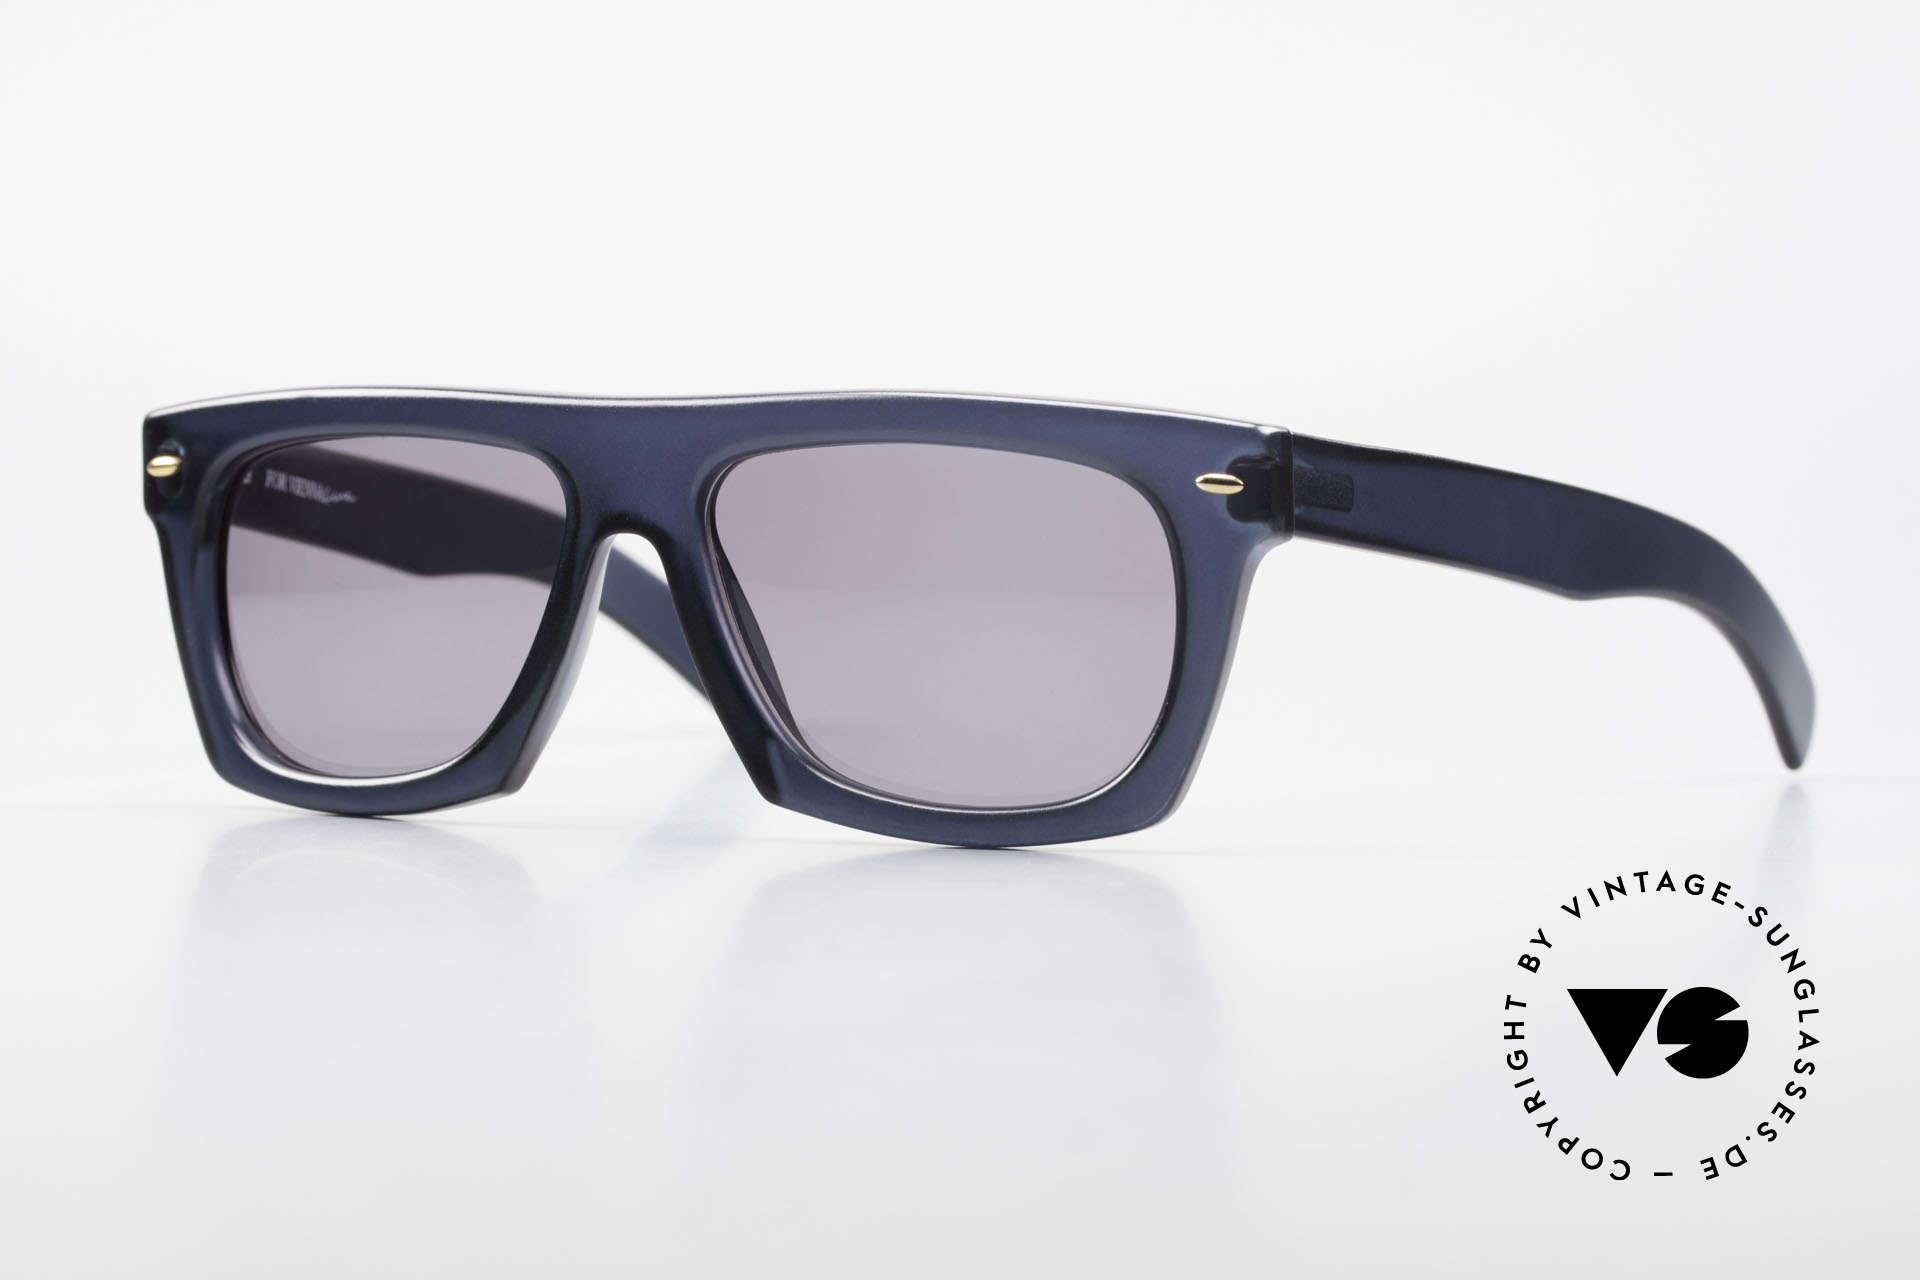 Paloma Picasso 1460 90's Original Designer Shades, VINTAGE designer sunglasses by PALOMA Picasso, Made for Men and Women